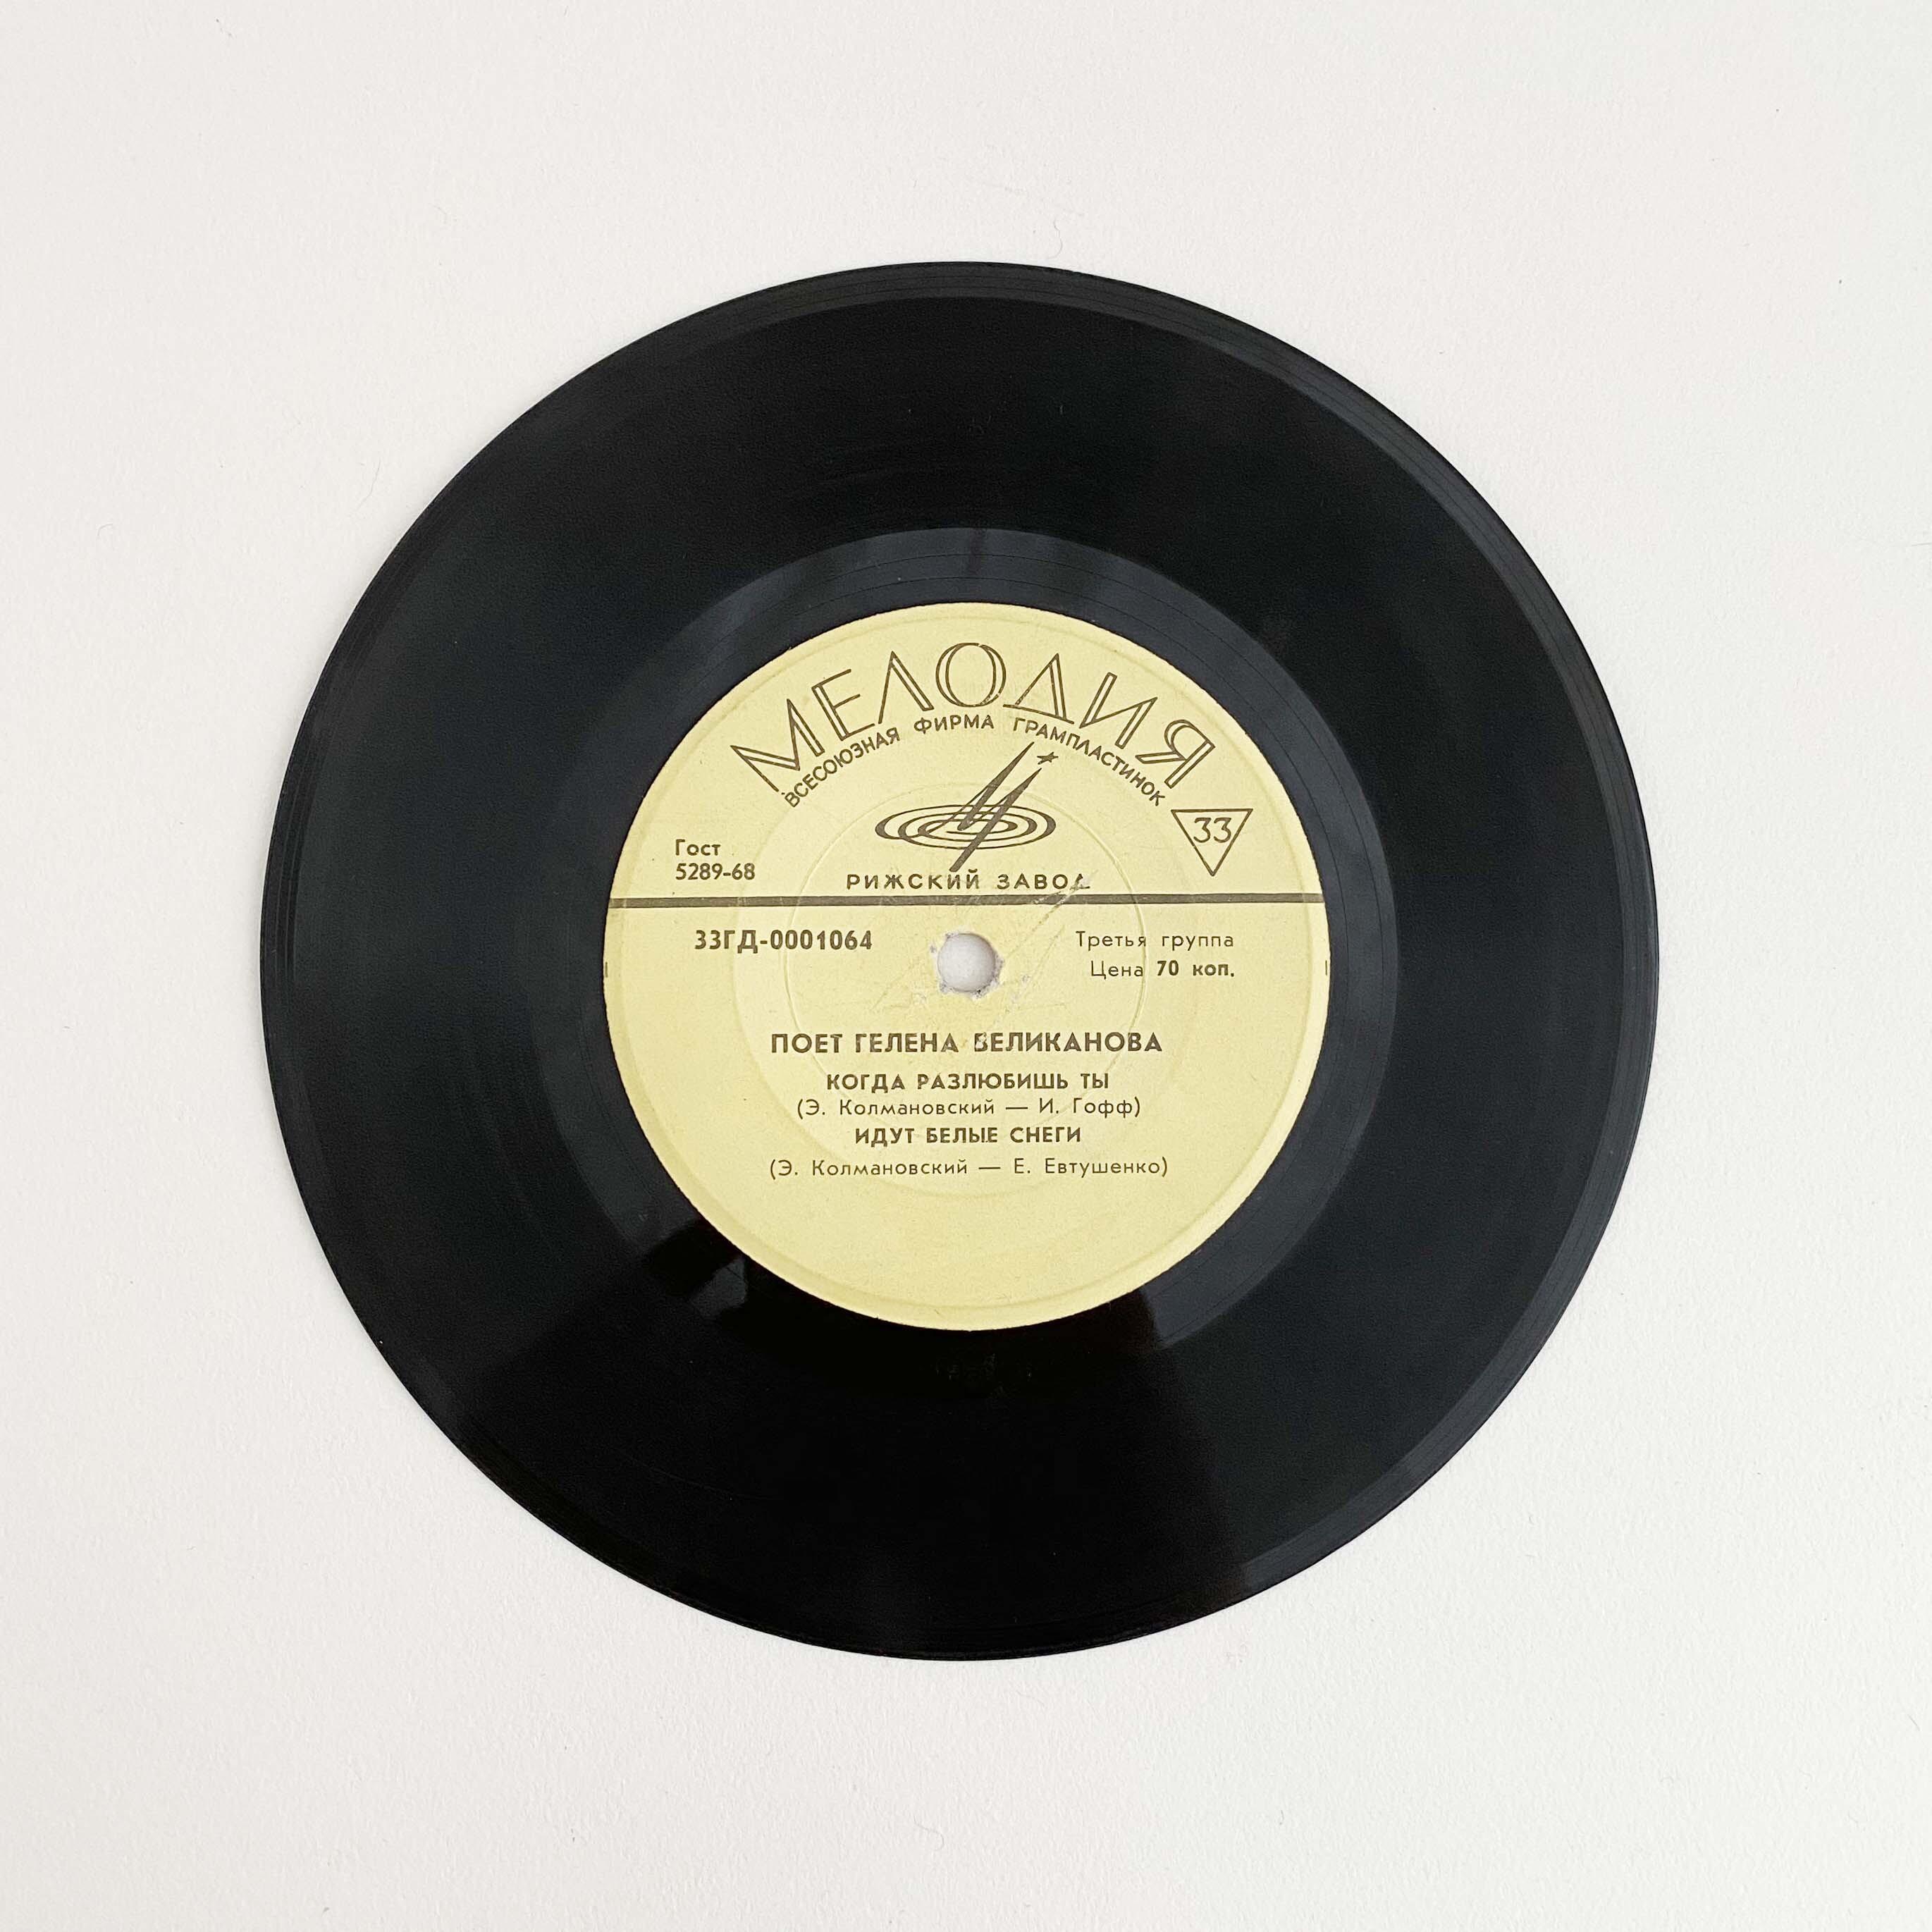 ソ連時代のシングルレコード(ソ連のジルベルトことゲレーナ・ヴェリカーノワ)